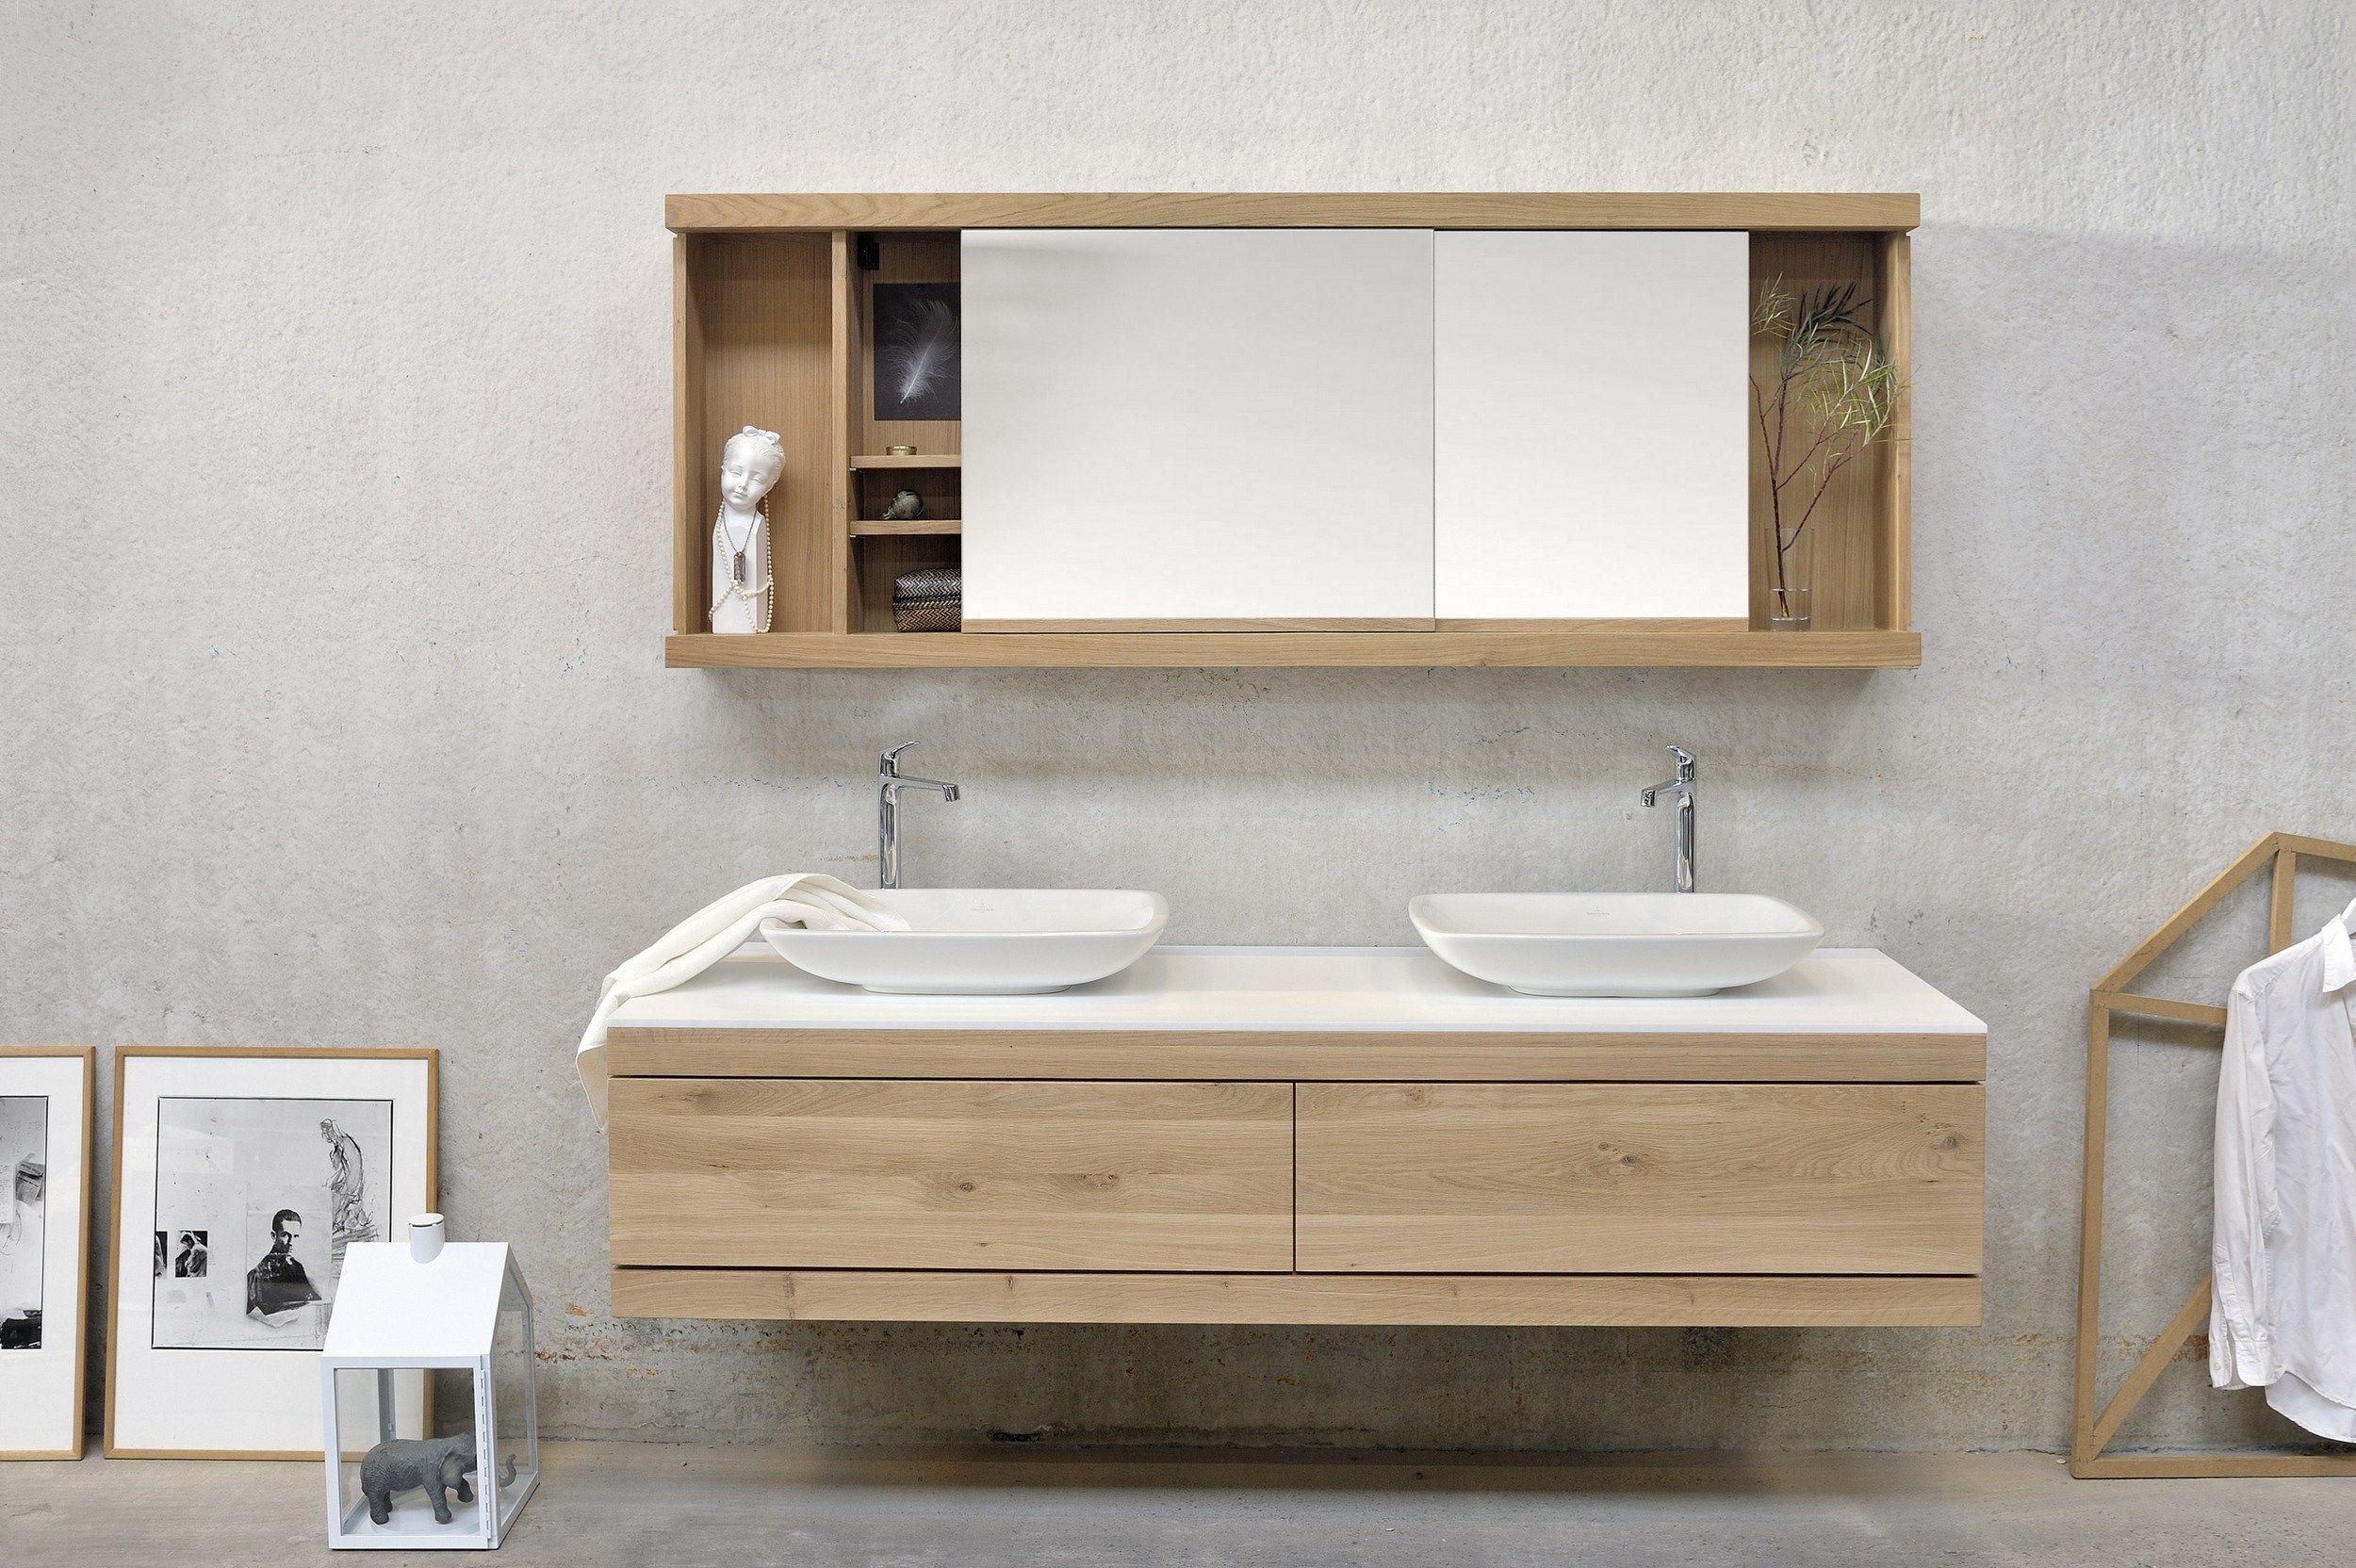 100 Bathroom Wall Hung Cabinets